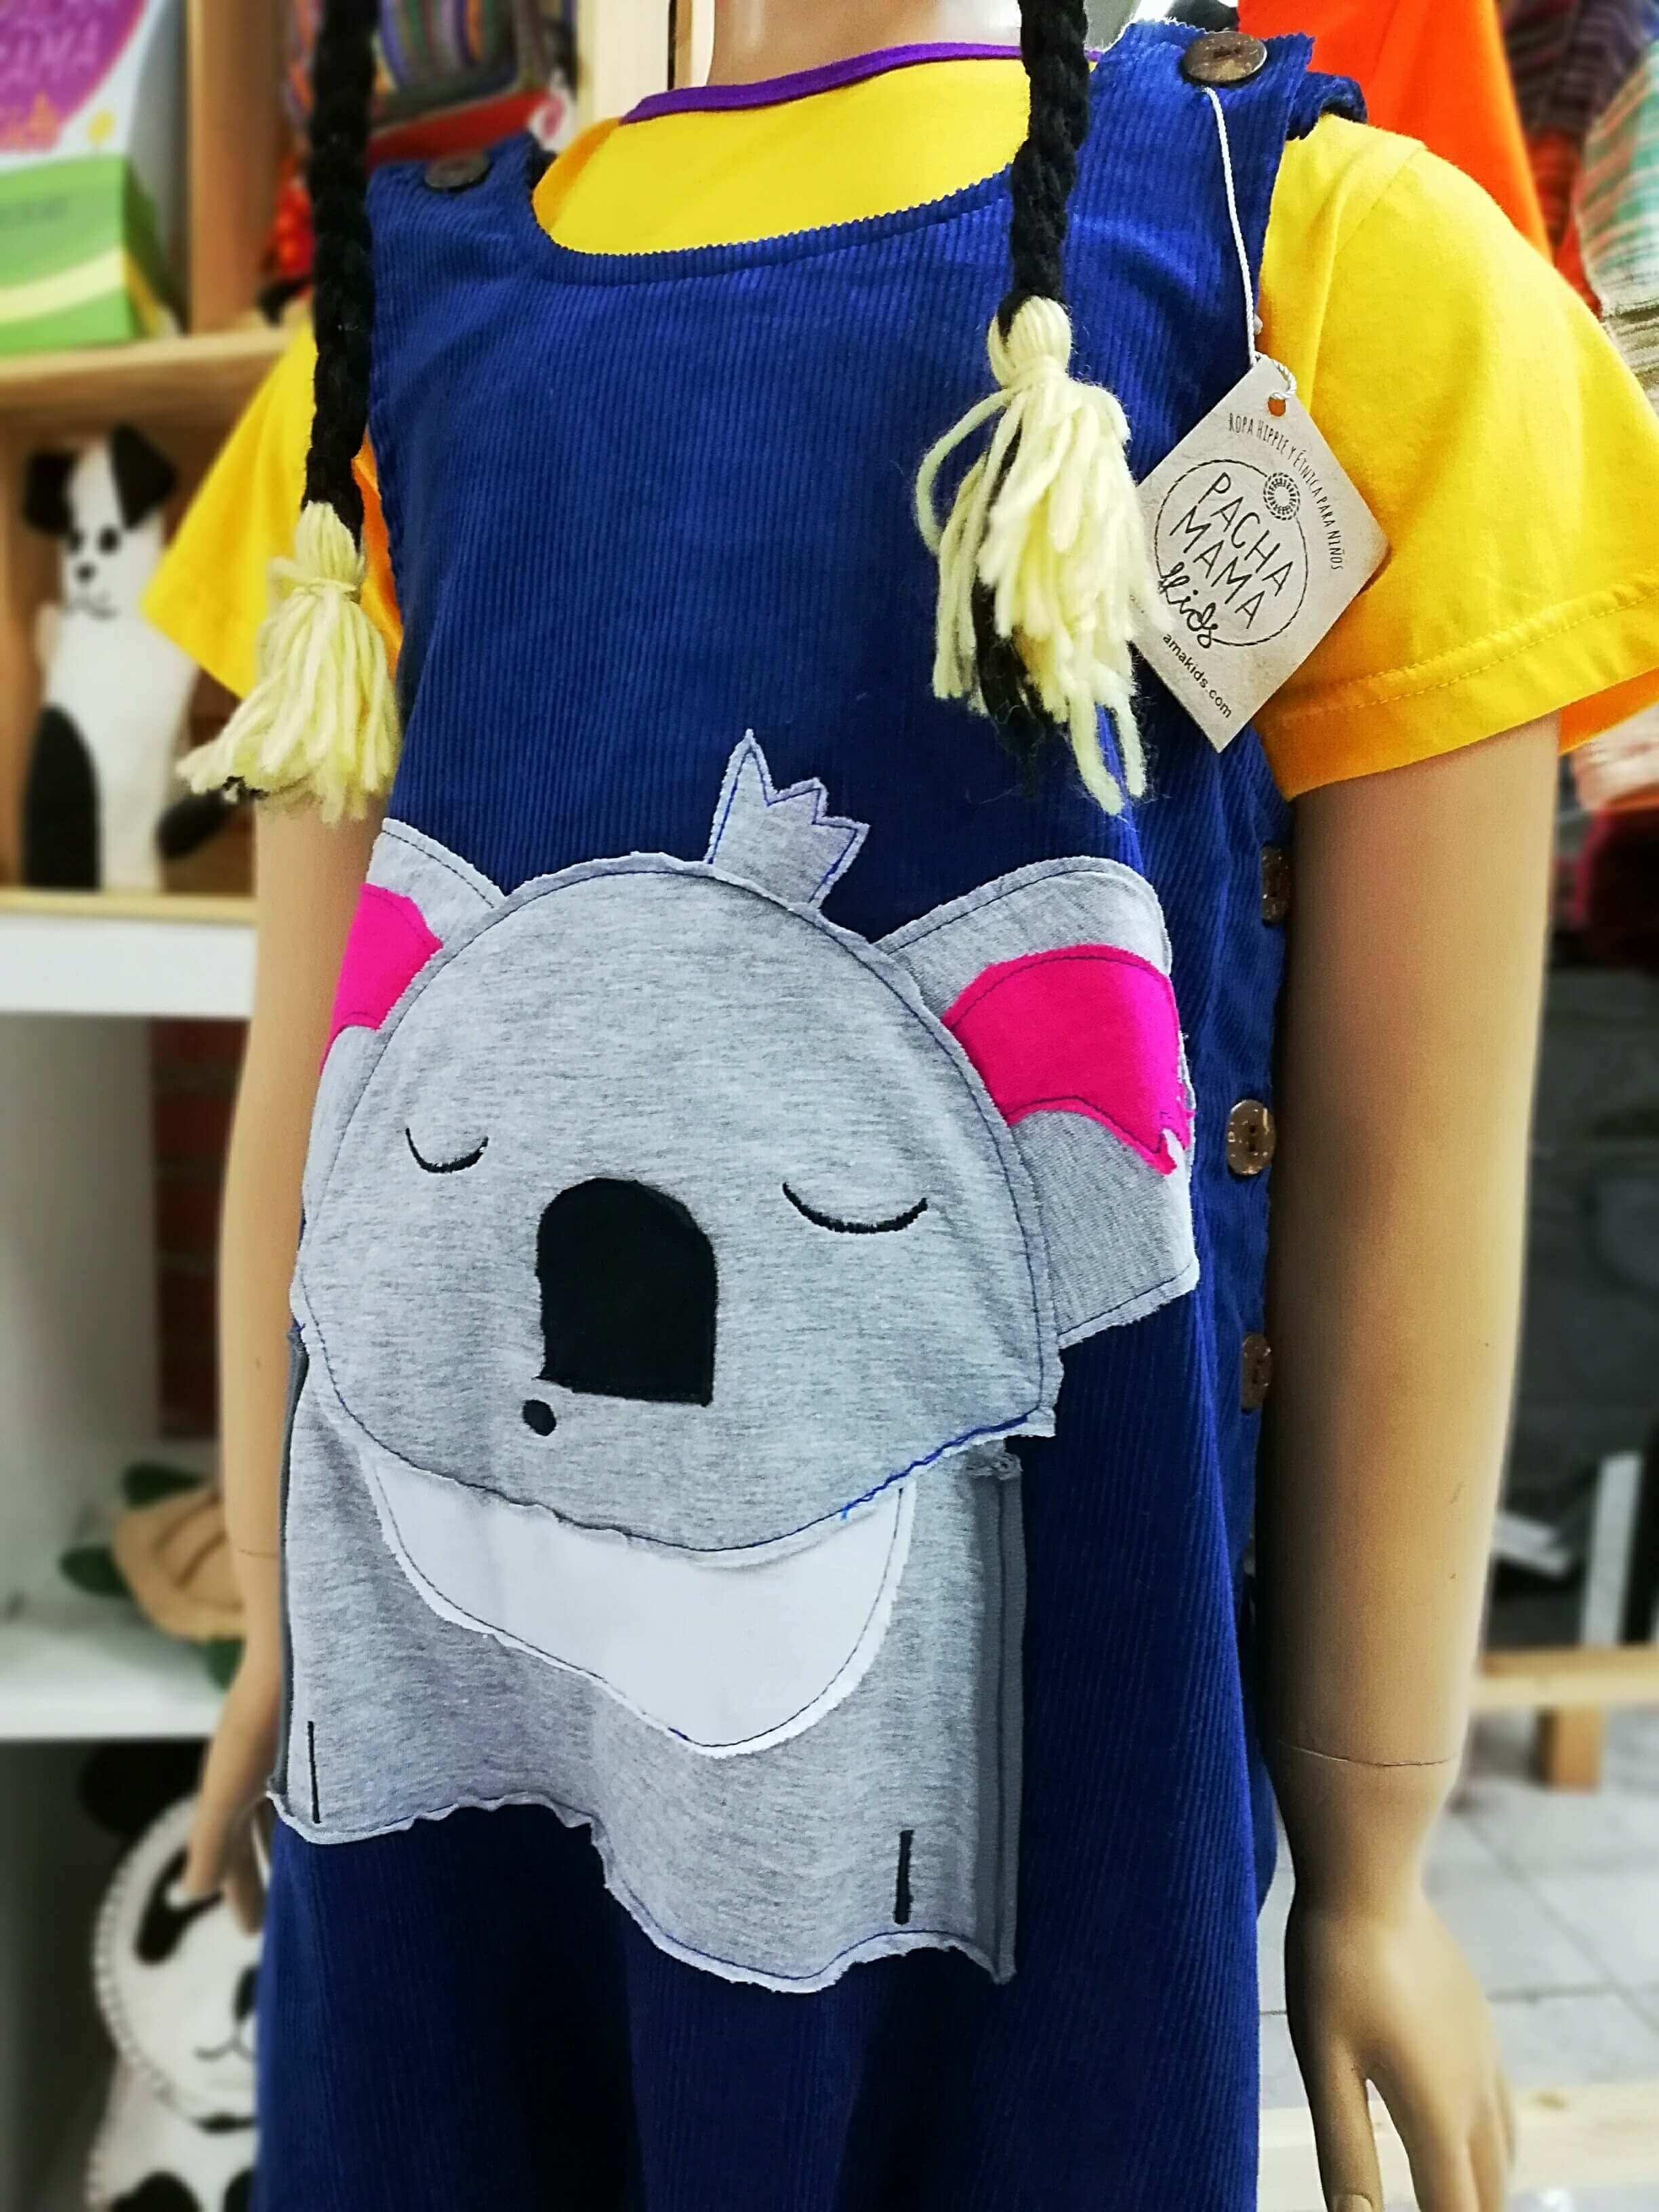 Ropa divertida para niños, peto, pelele para bebés, bebé koala, ropa hippie y étnica para niños